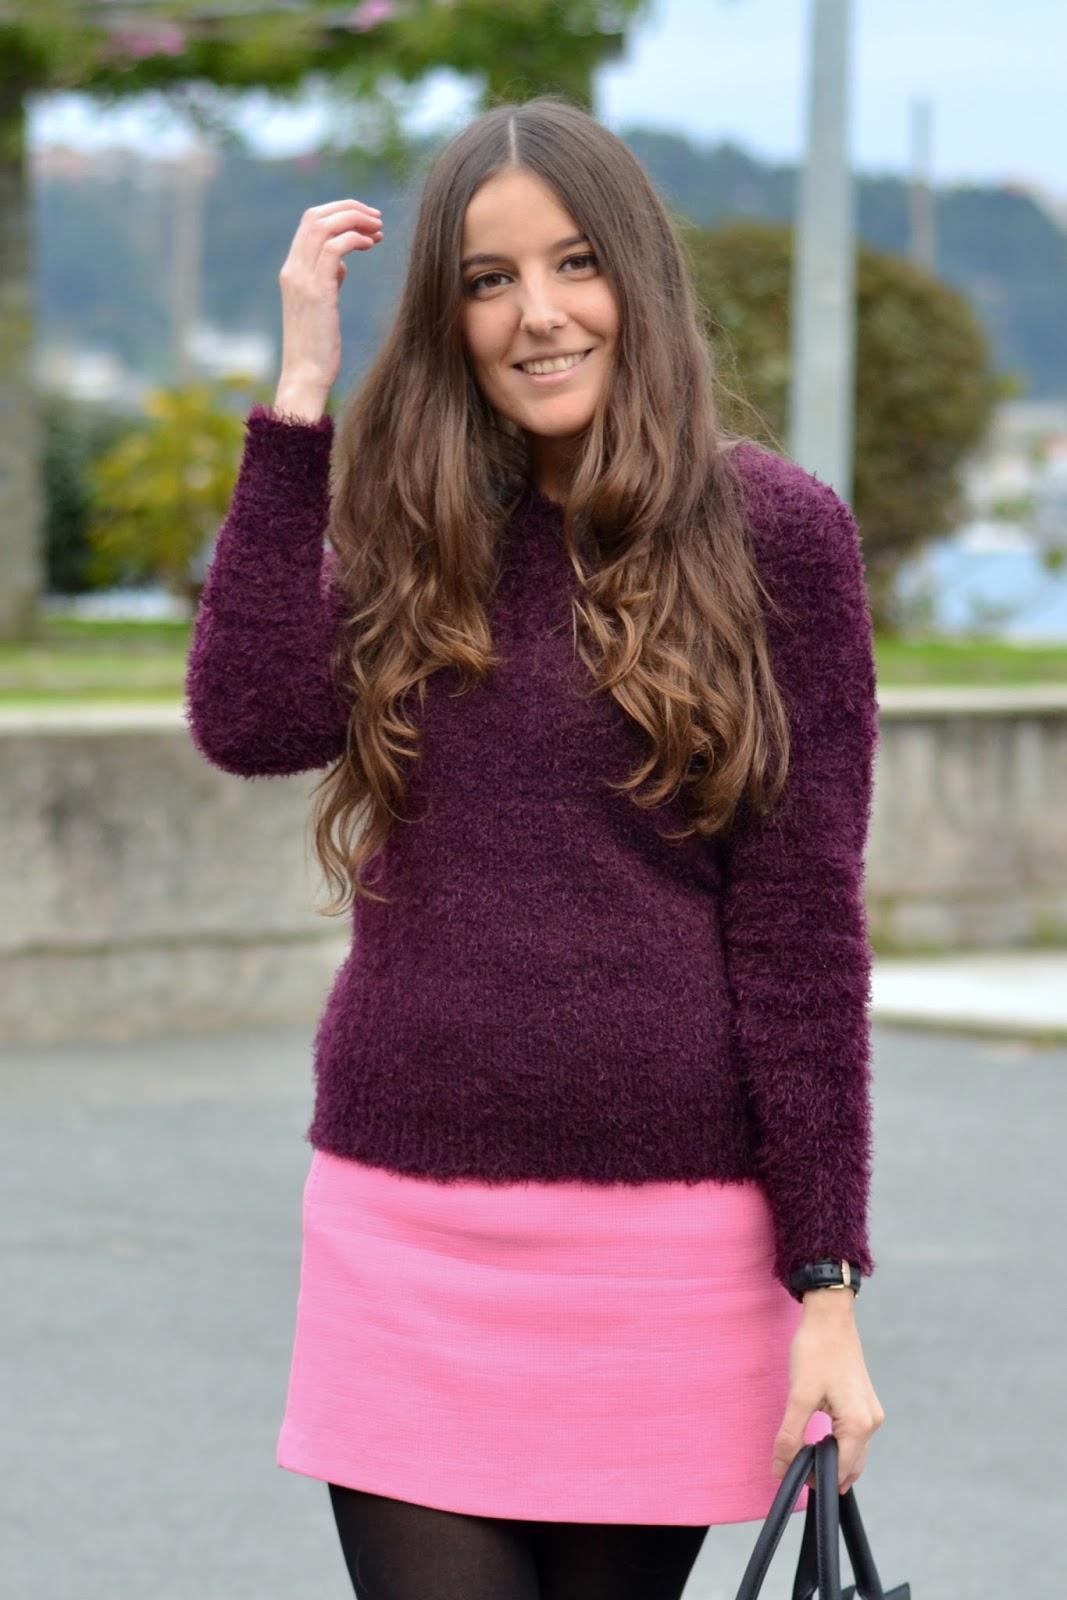 Falda rosa y jersey morado